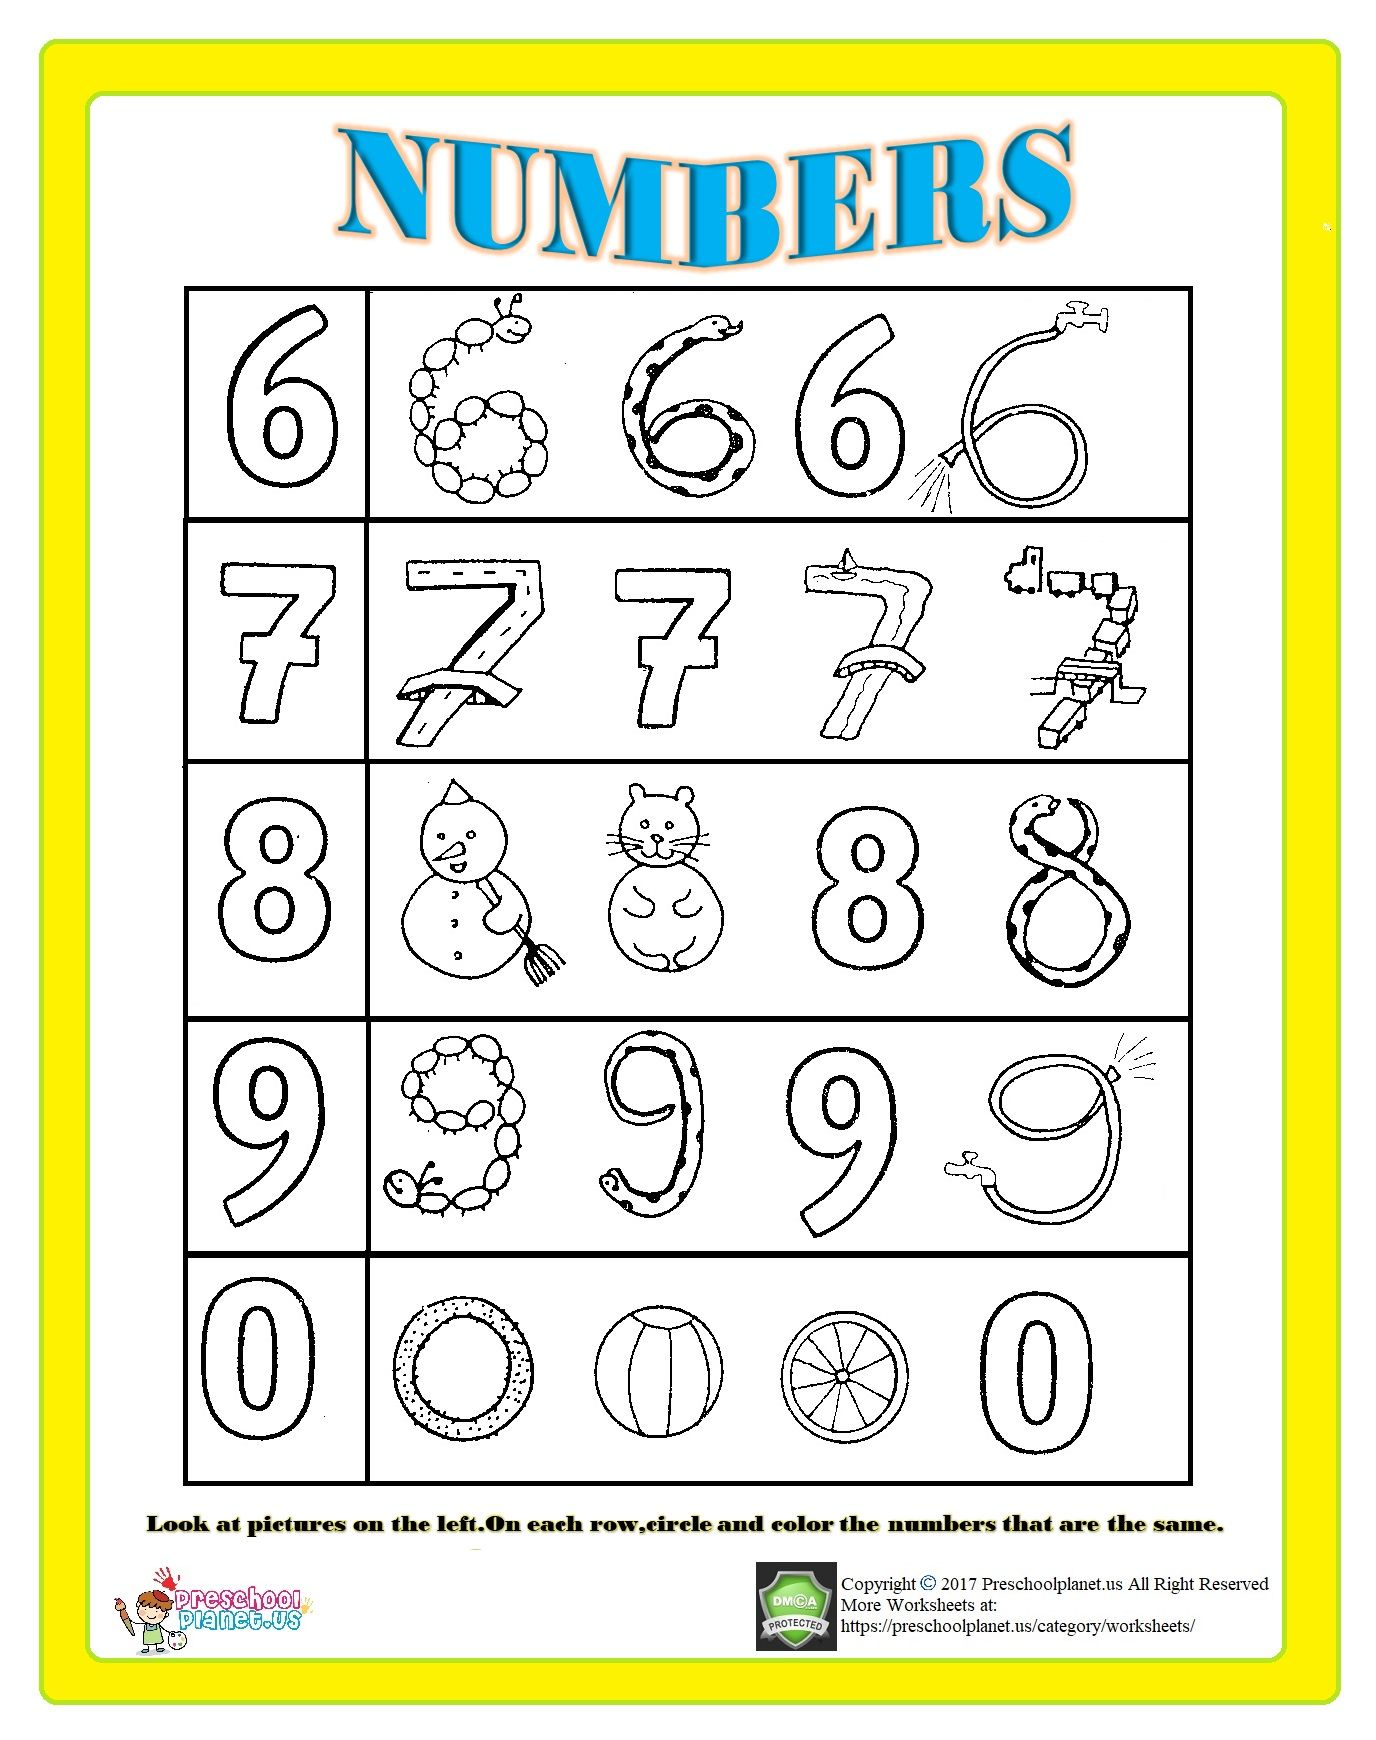 Number Worksheet For Kids